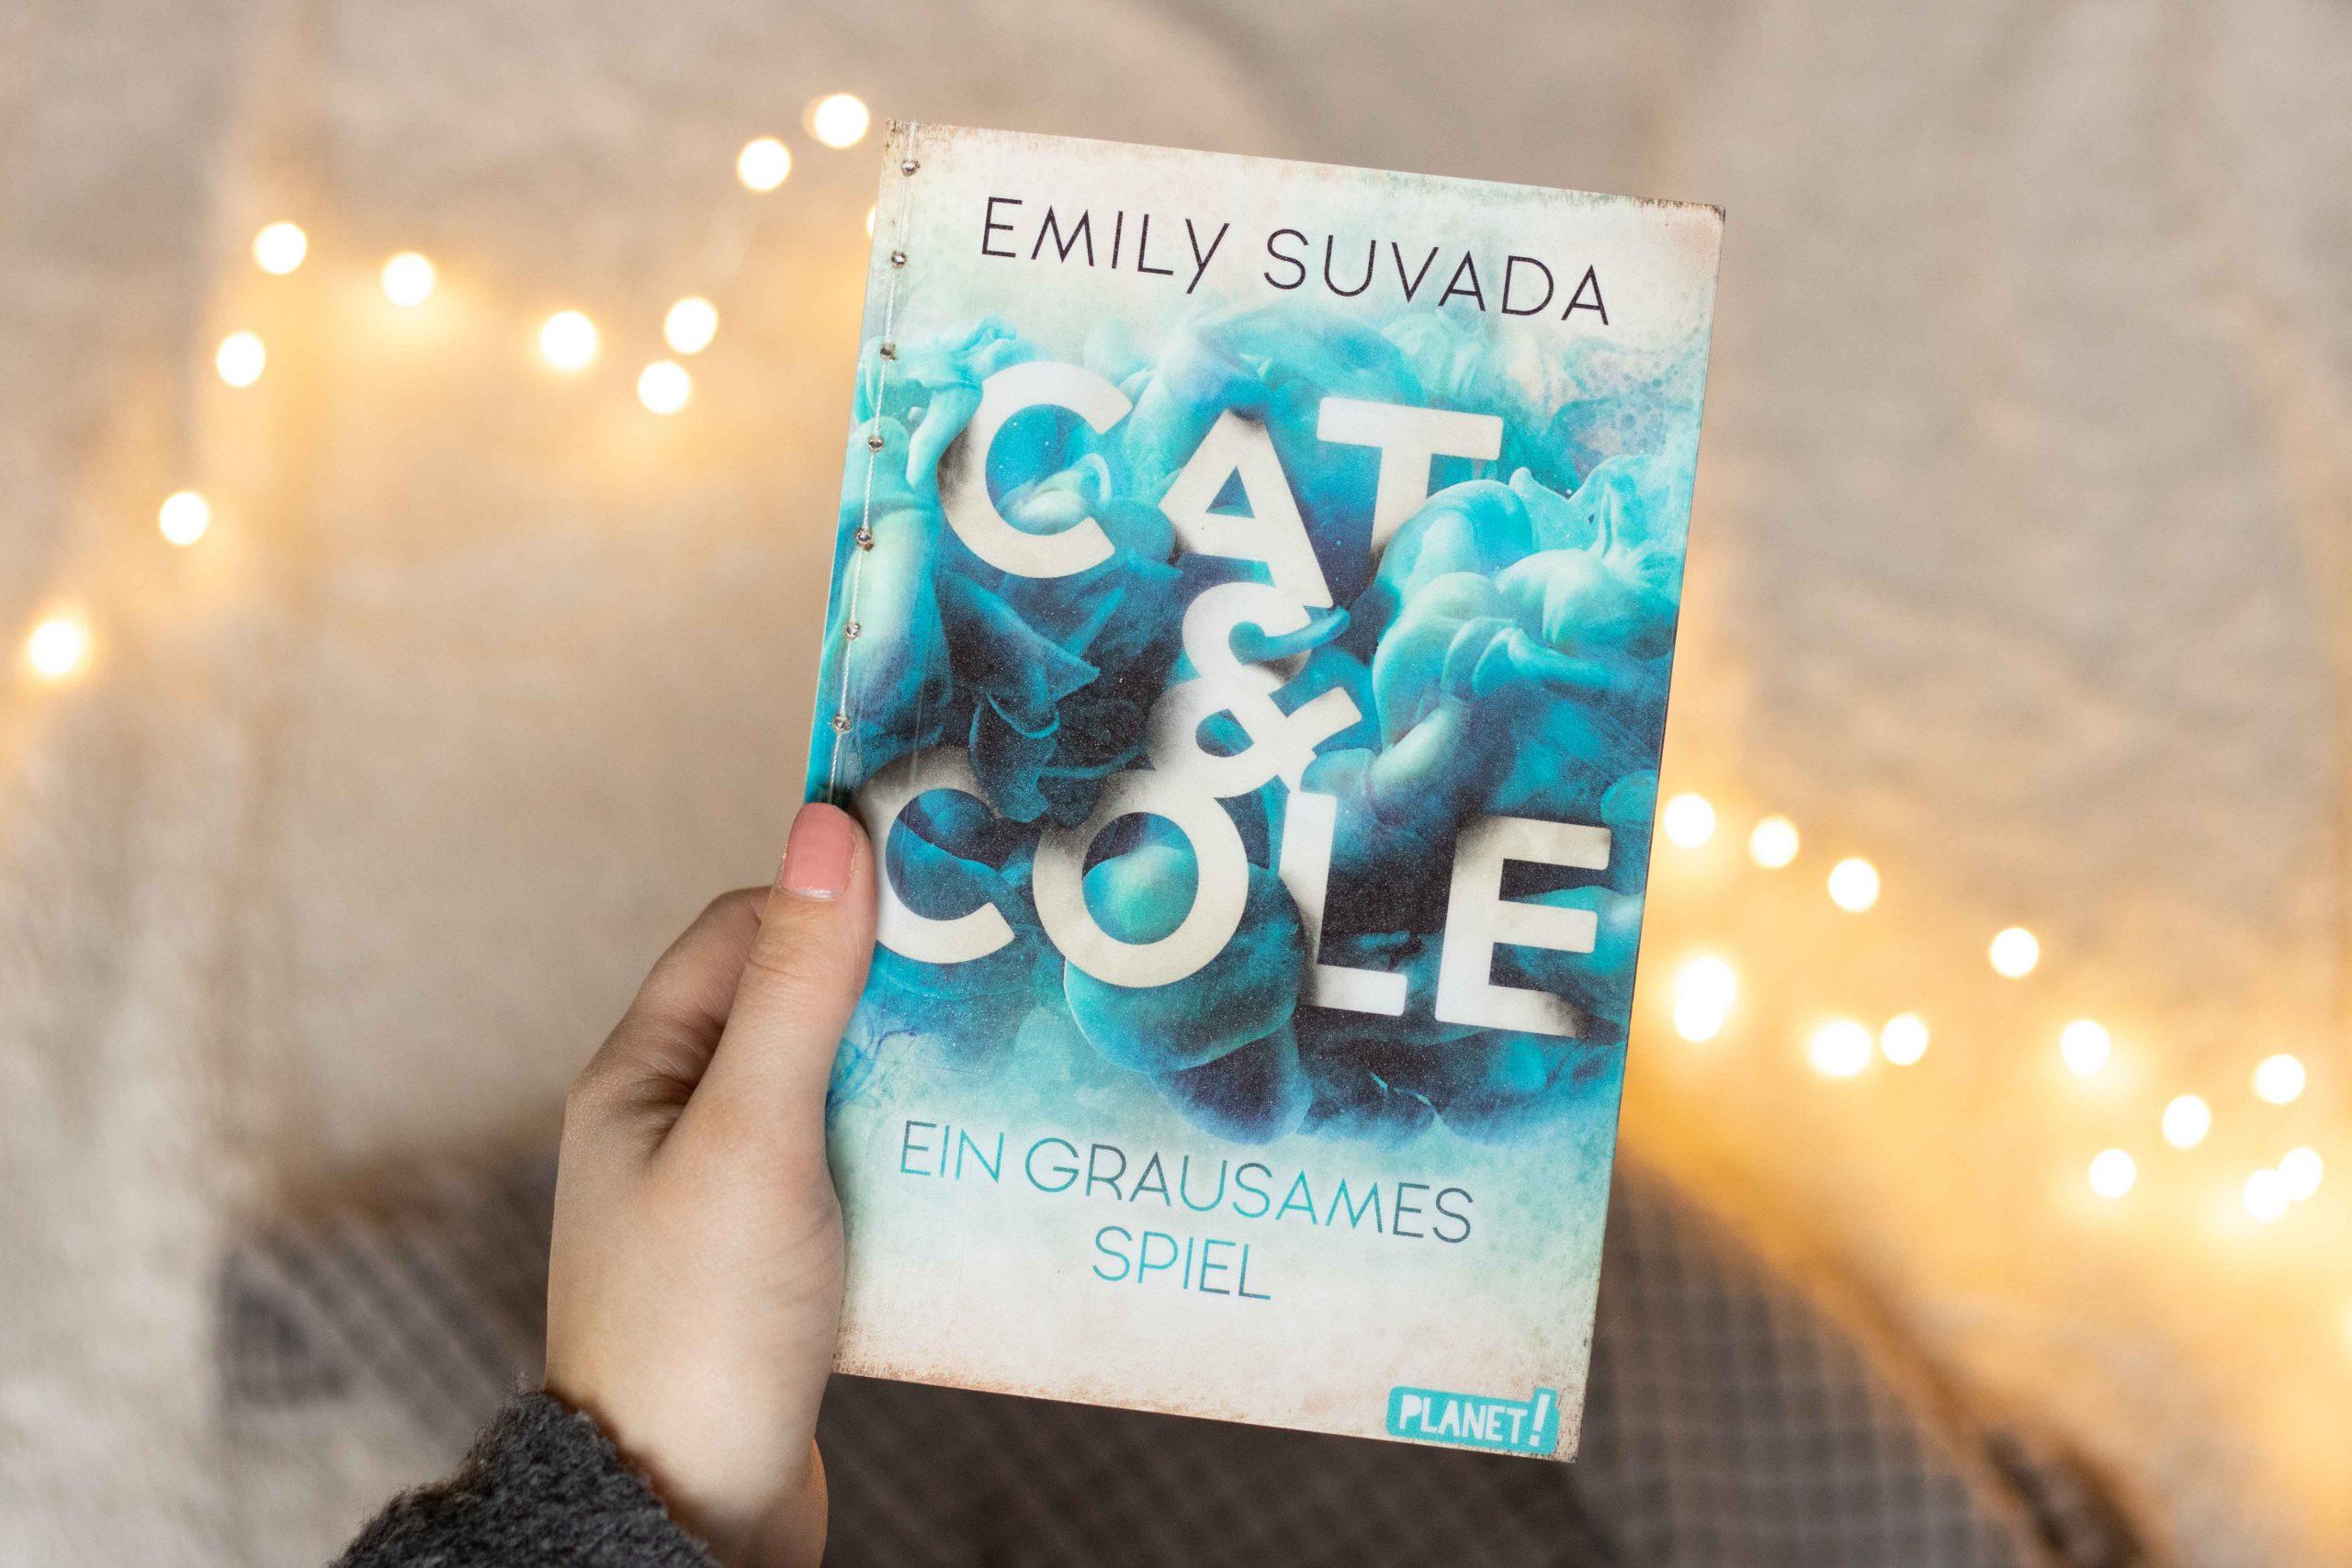 Cat & Cole – Ein grausames Spiel | Emily Suvada